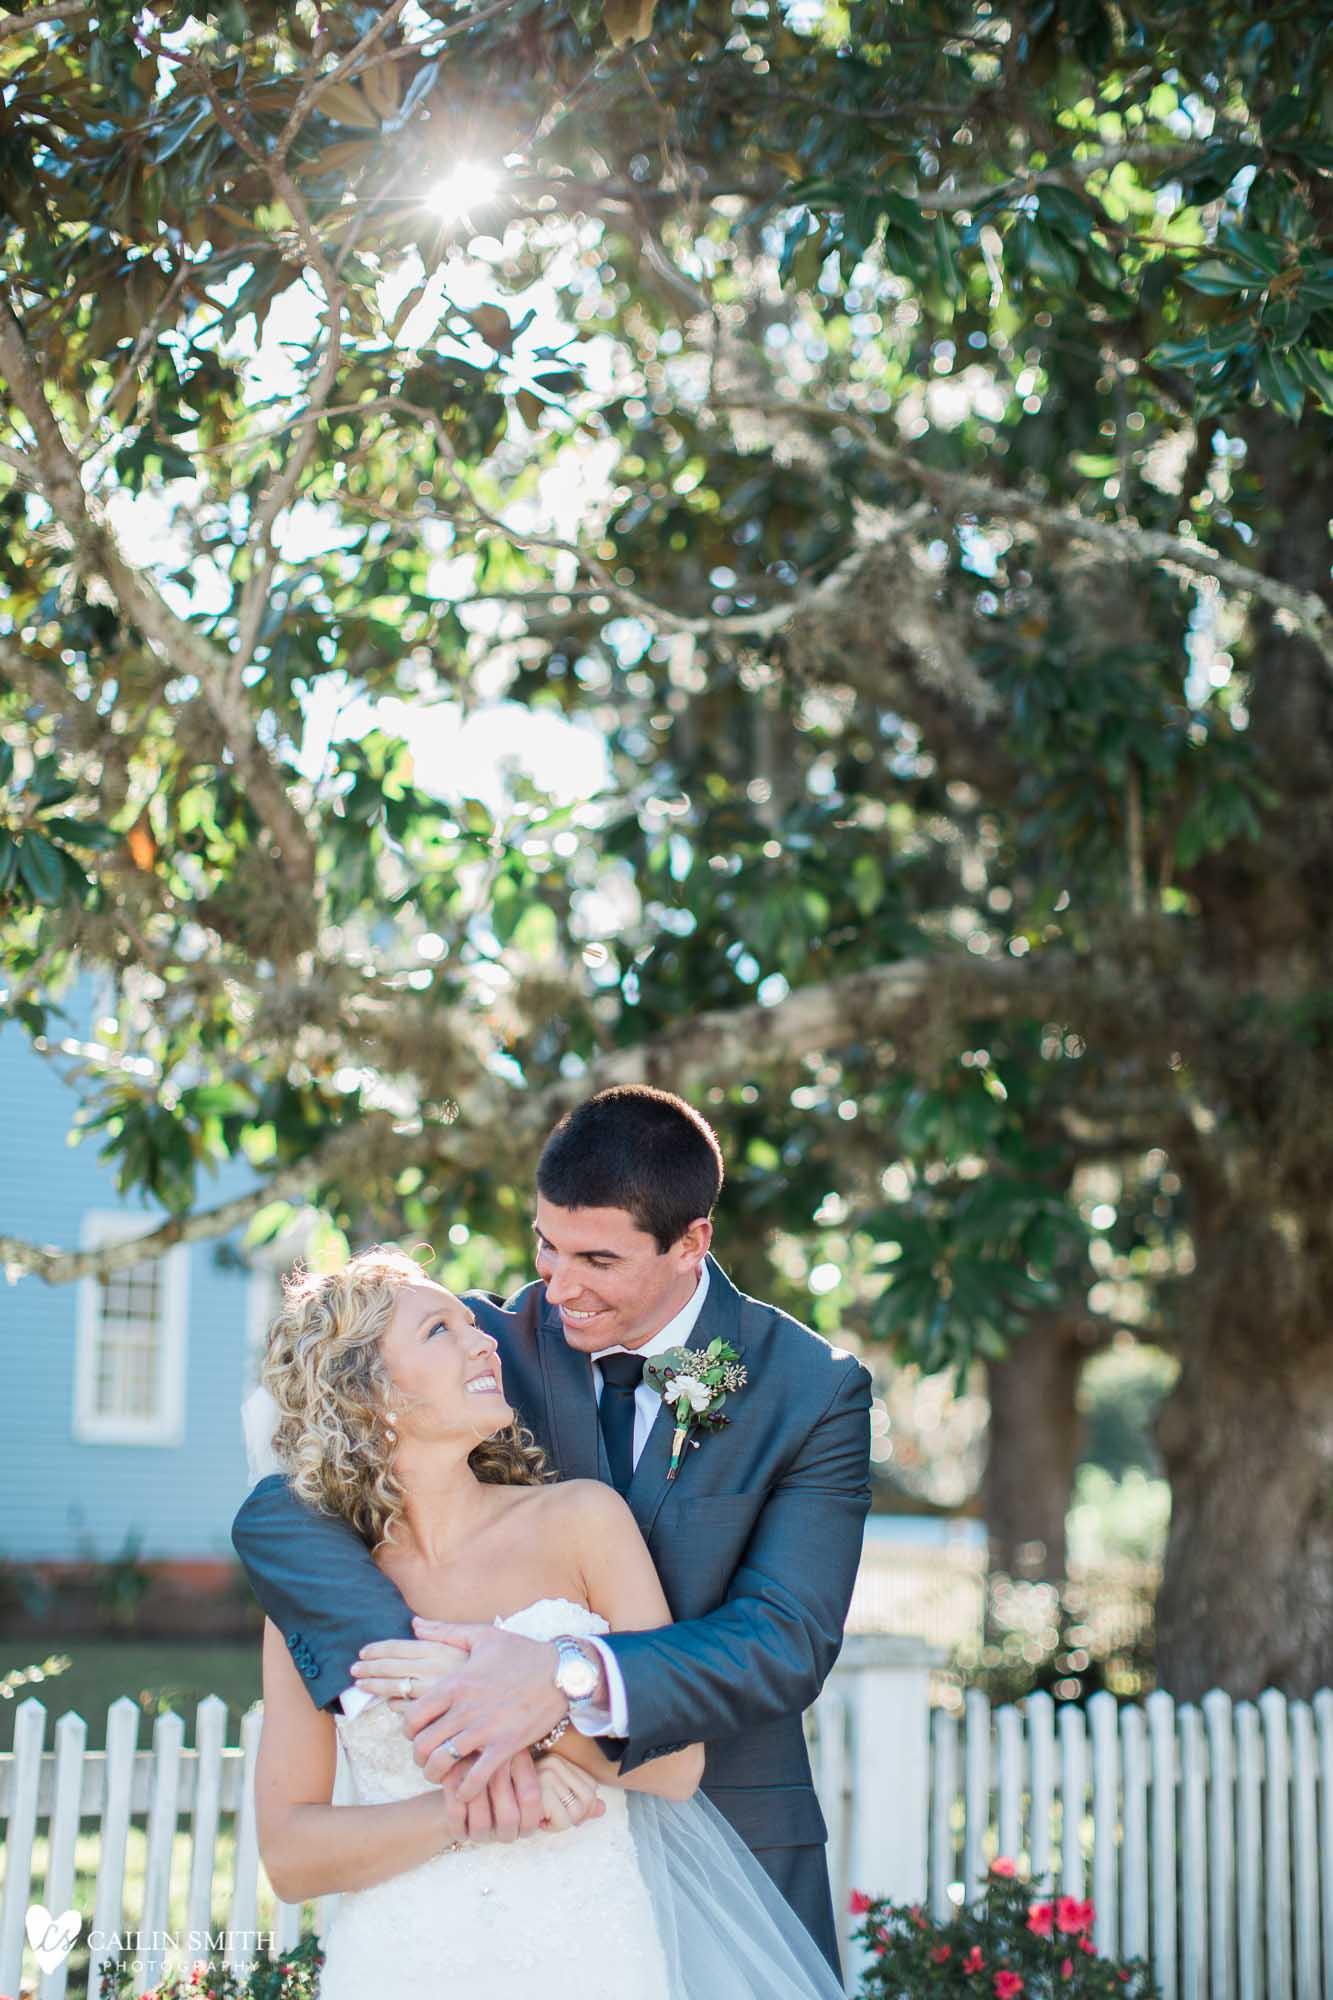 Leah_Major_St_Marys_Wedding_Photography_068.jpg